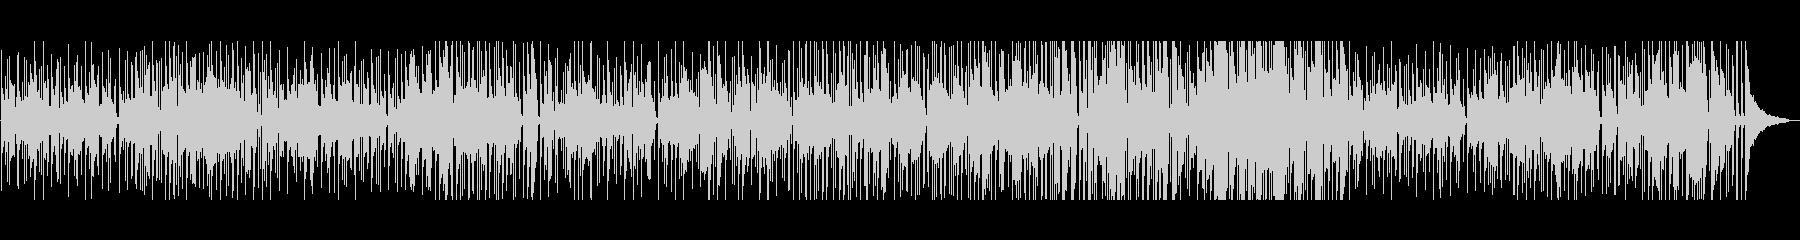 コミカルでのほほん クラリネットとピアノの未再生の波形